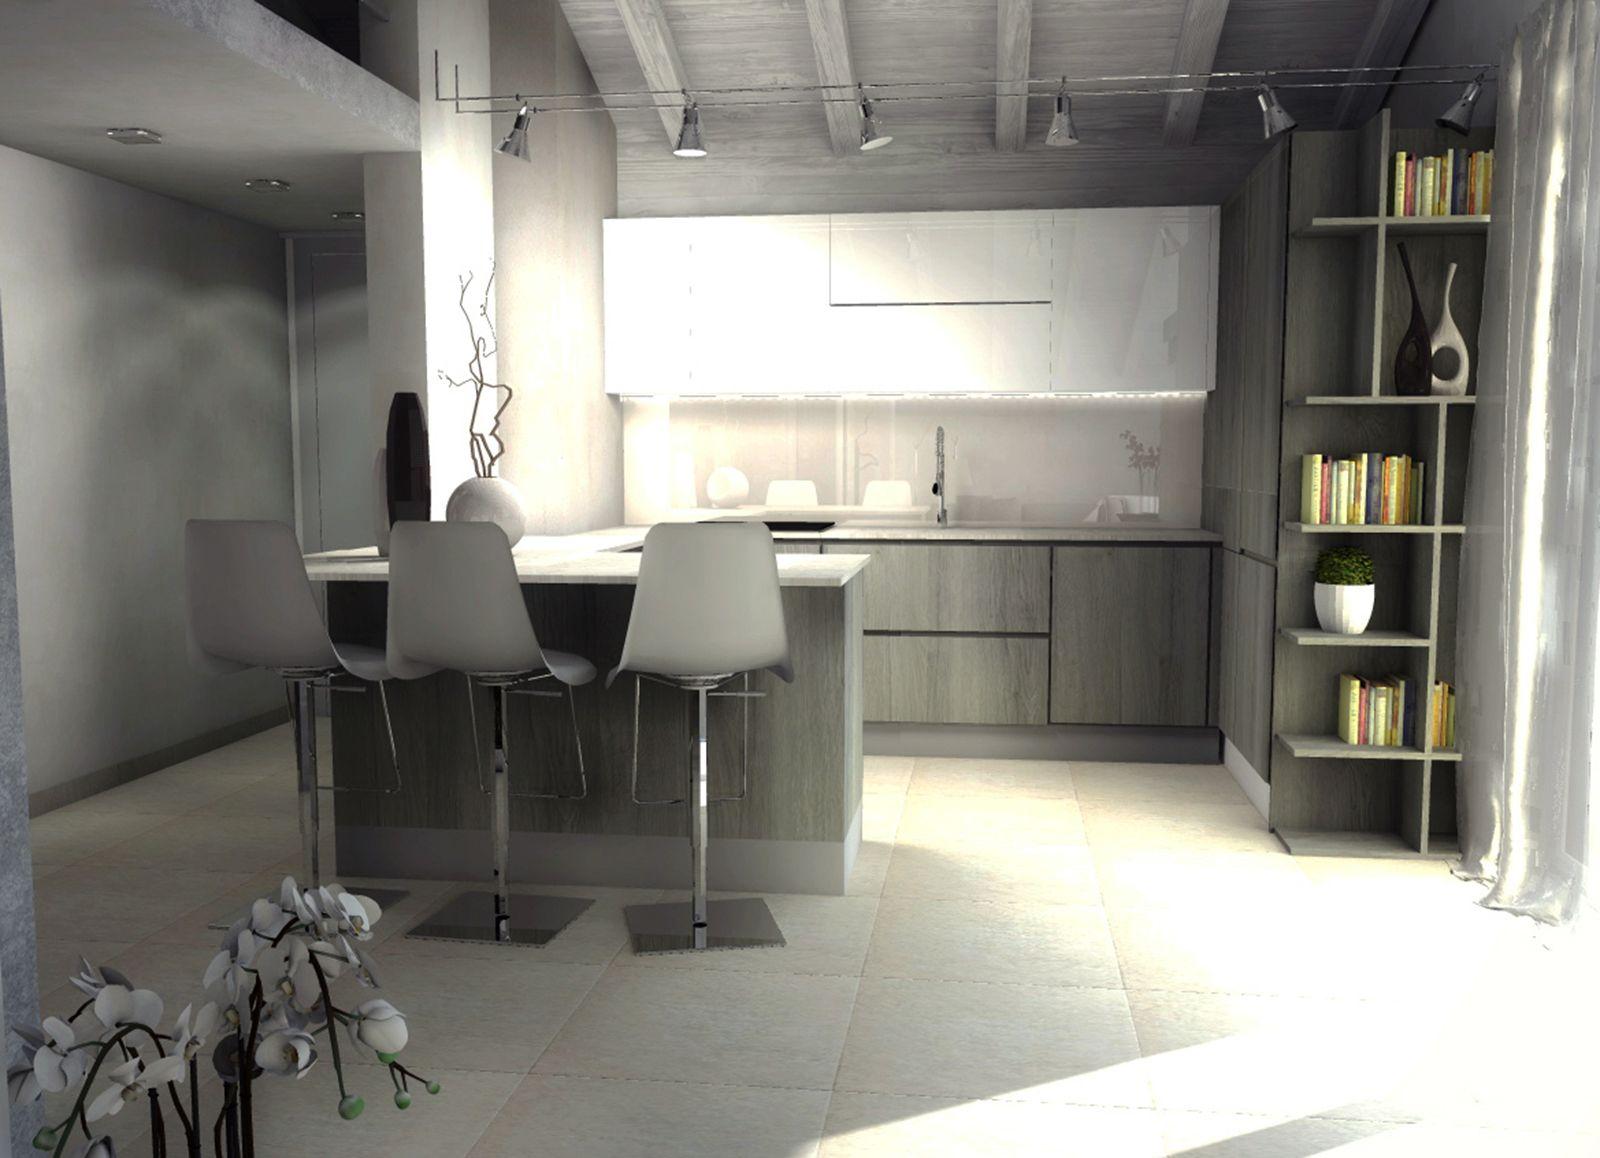 faretti con binario - Cerca con Google  illuminare  Pinterest  Cucina penisola, Mansarda e ...